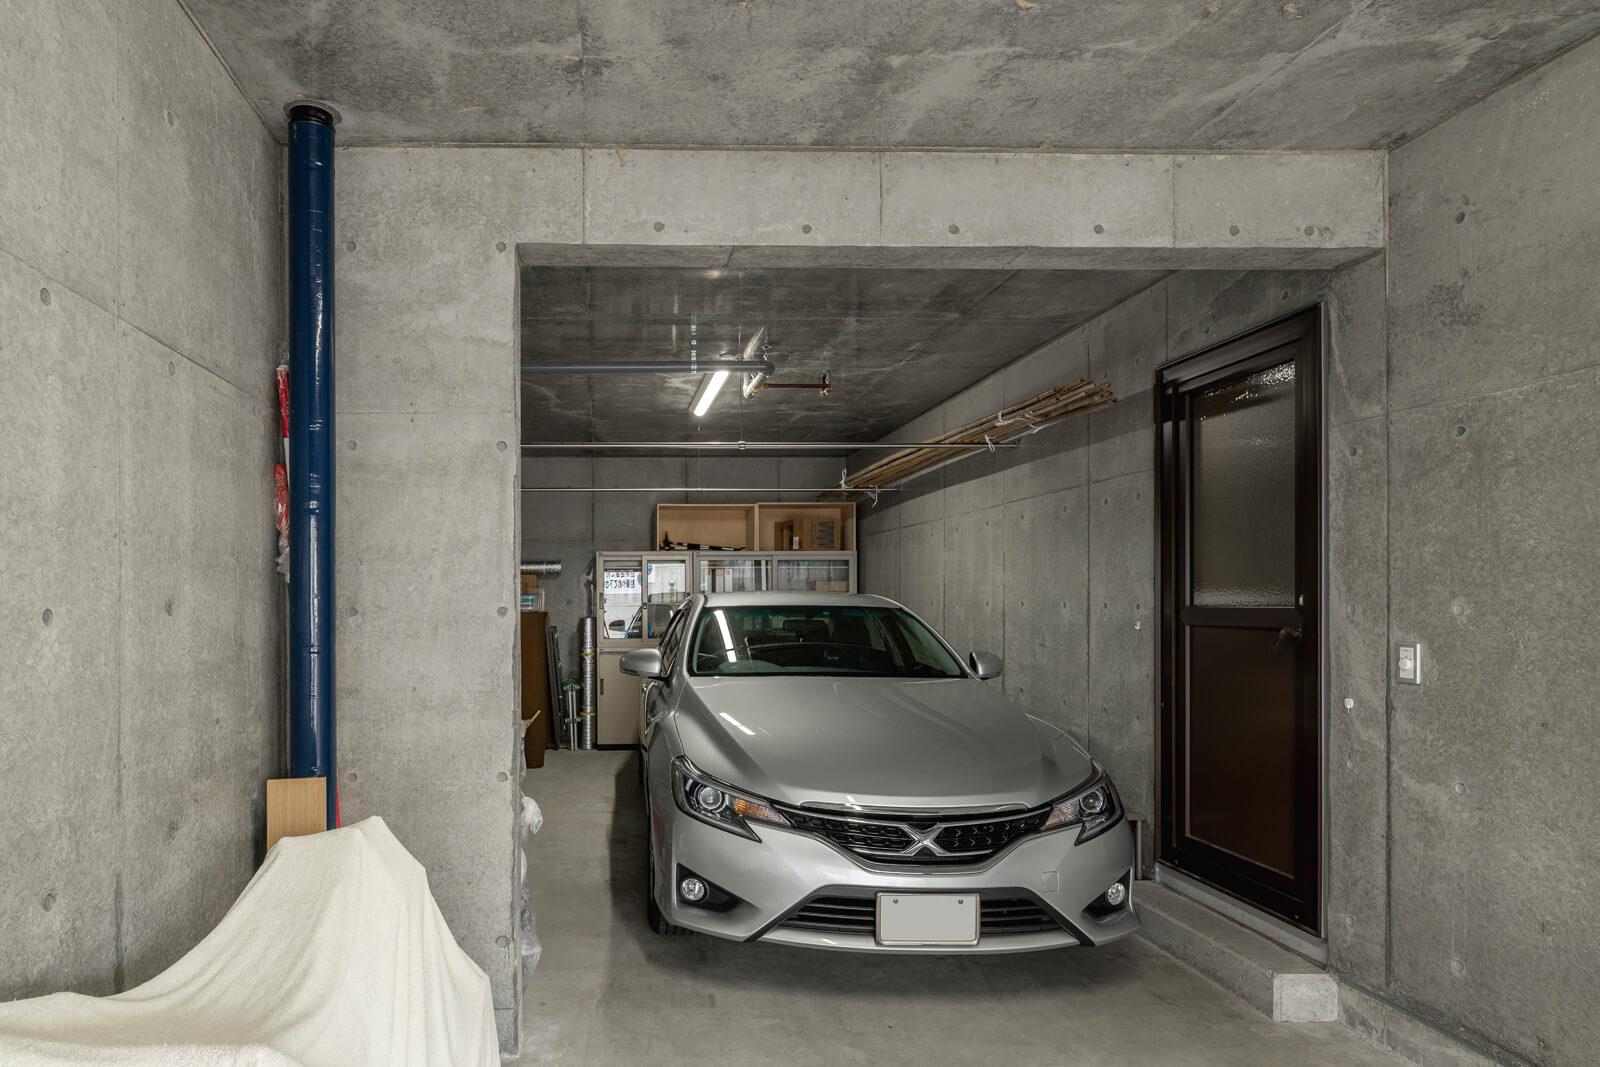 車2台が停められる広いガレージ。「車から屋外に出ることなく家の中に入れるのがとても便利。広さがあるので、棚を置いて収納スペースとしても利用しています